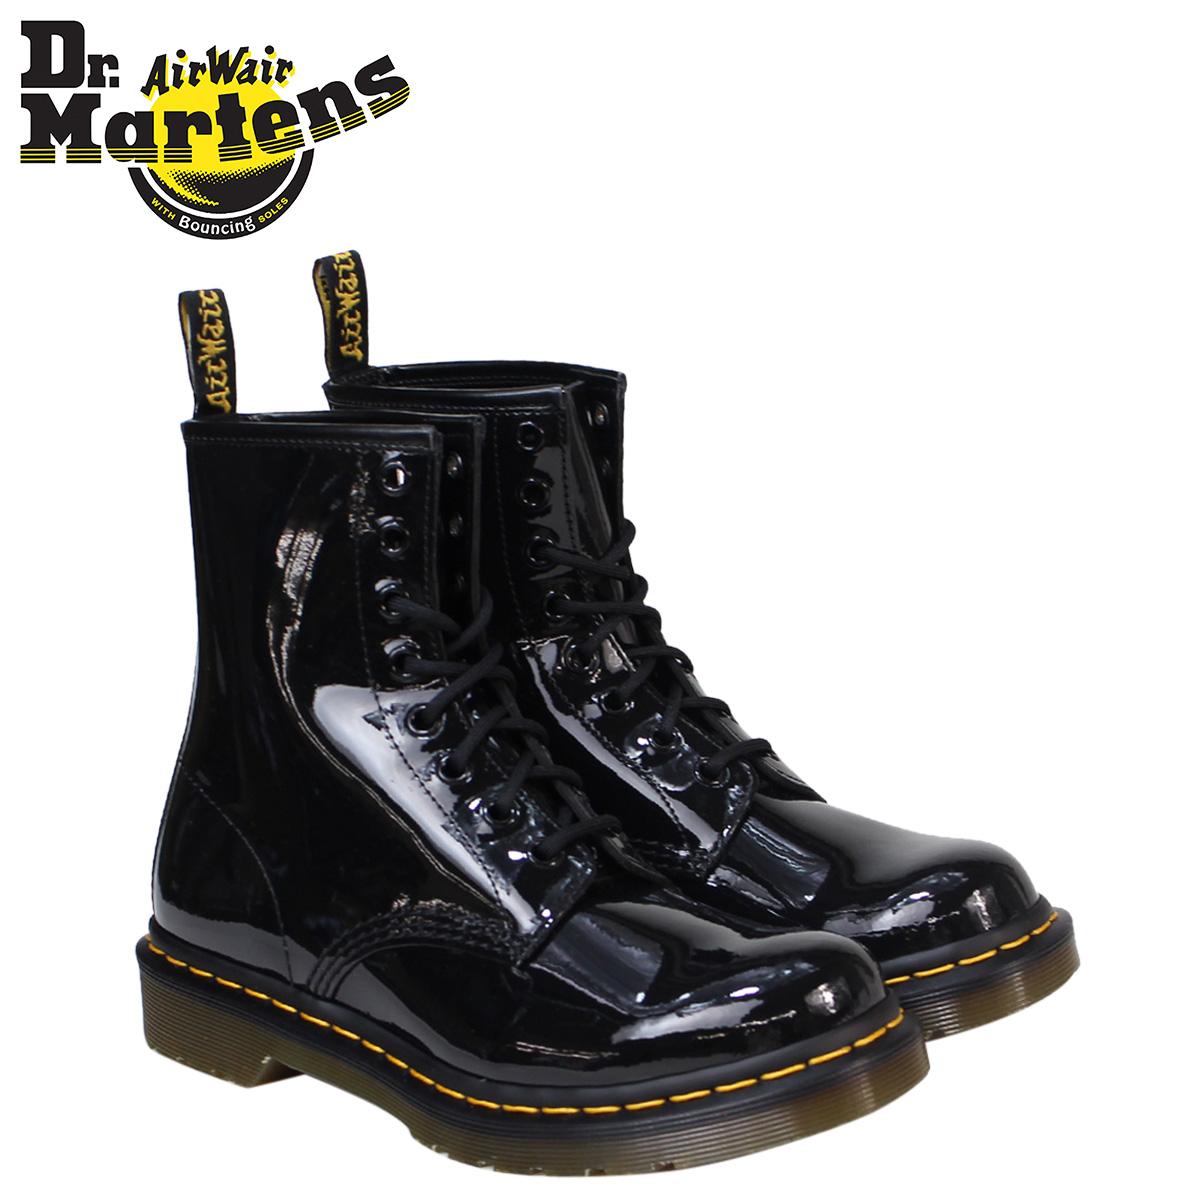 Dr.Martens ドクターマーチン 1460 8ホール ブーツ レディース WOMENS 8EYE BOOT R11821011 メンズ